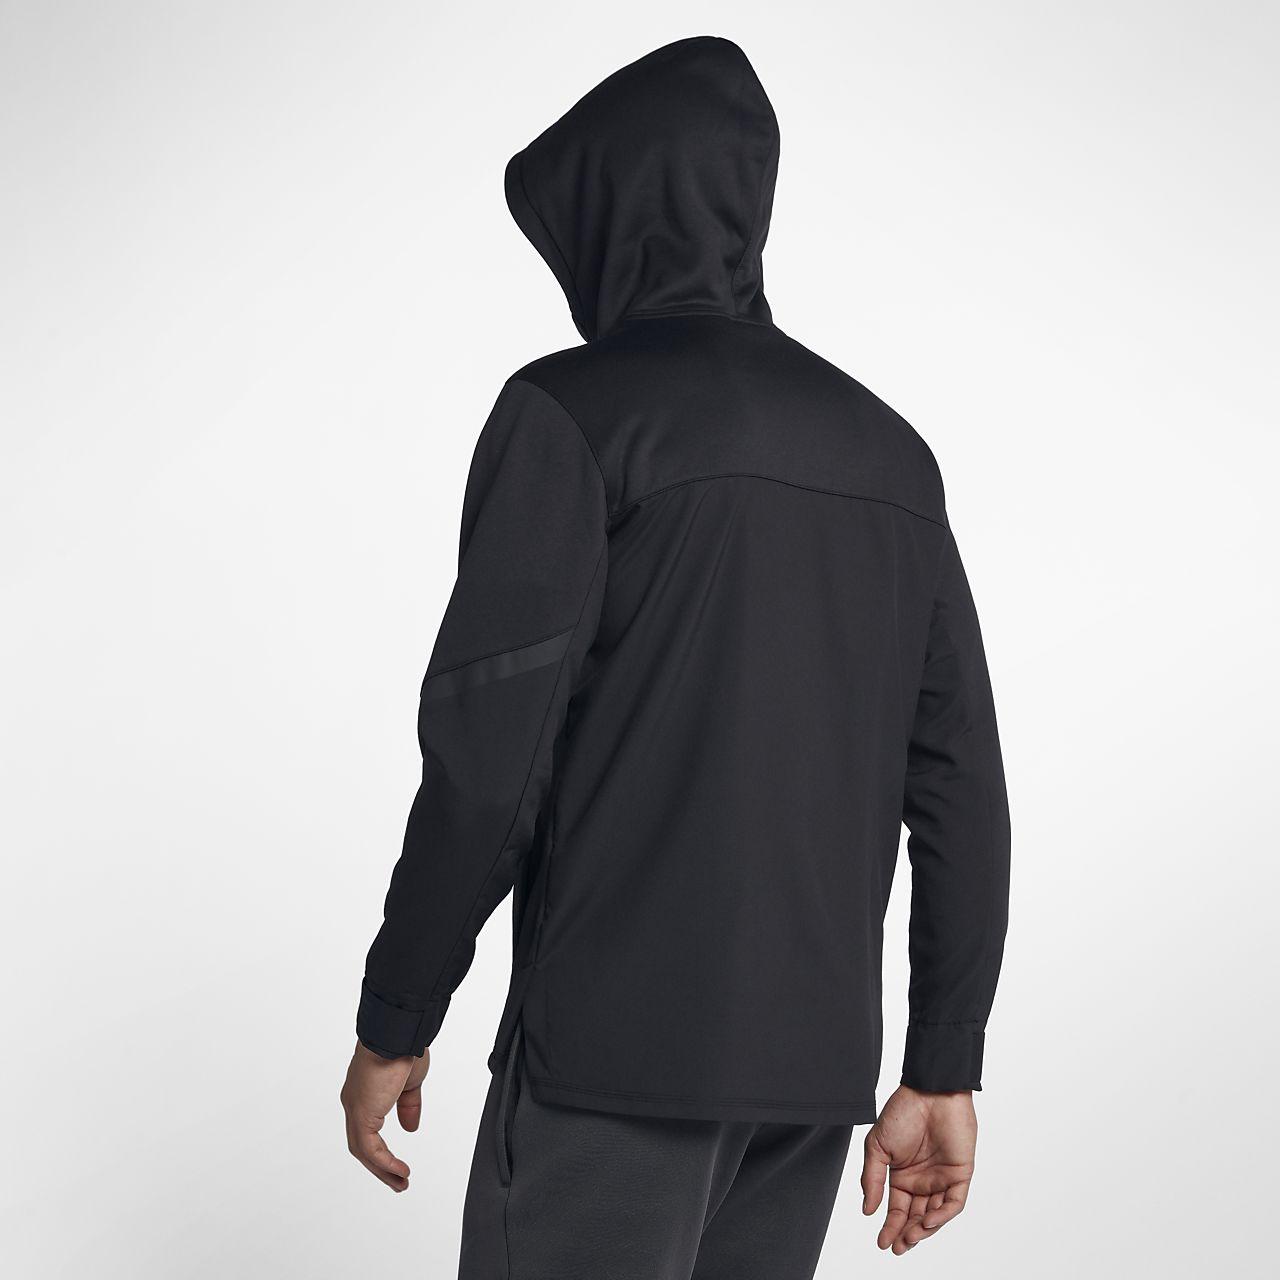 De Hombre Entrenamiento Con Therma Capucha Nike Camuflaje Completa Sudadera Cremallera z6UIWq